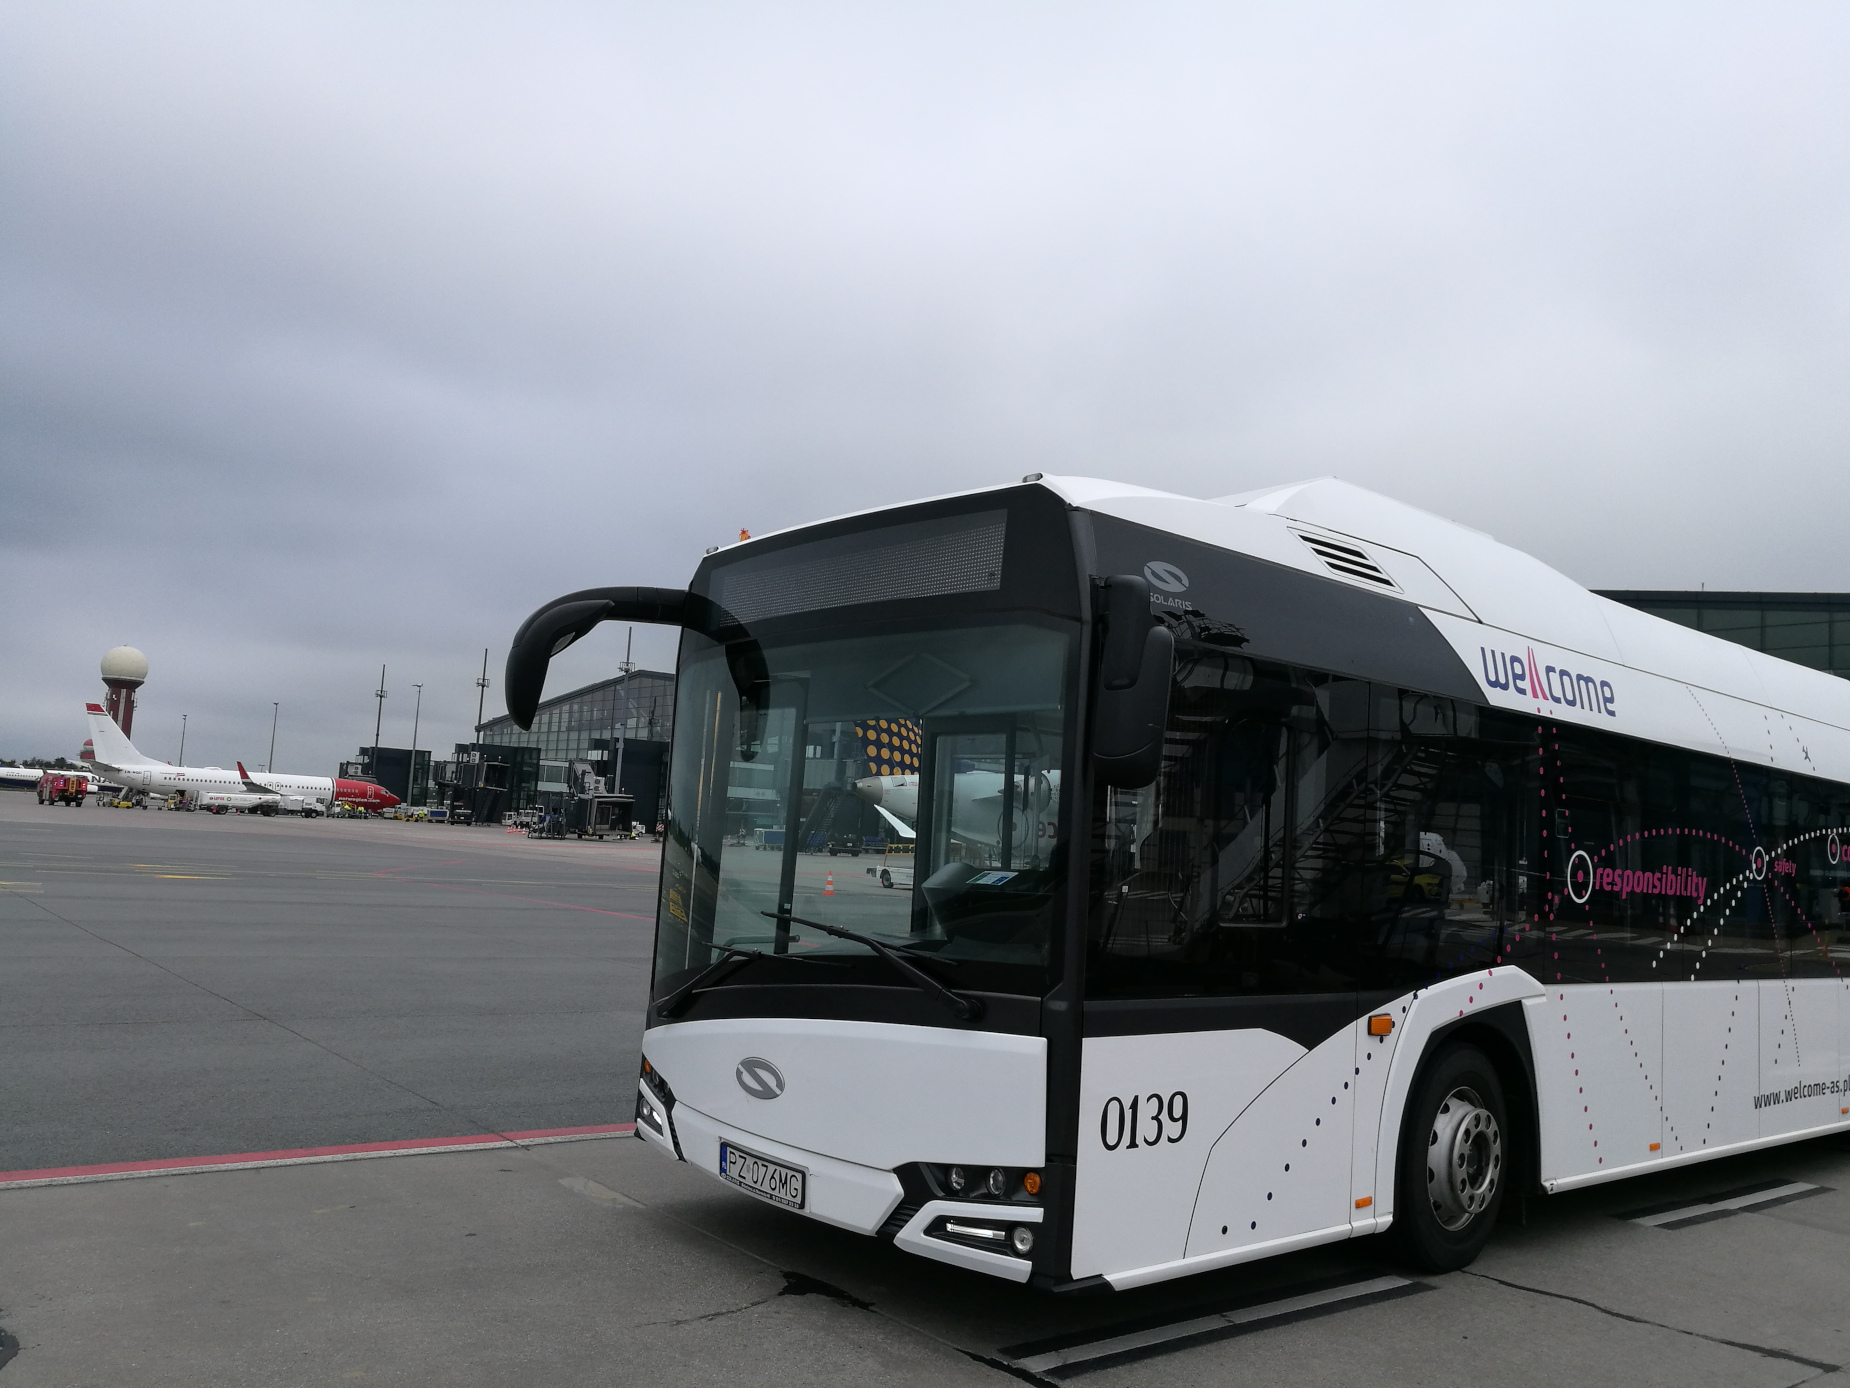 Ekologiczny transport do samolotu. Po płycie gdańskiego lotniska jeździ autobus na prąd